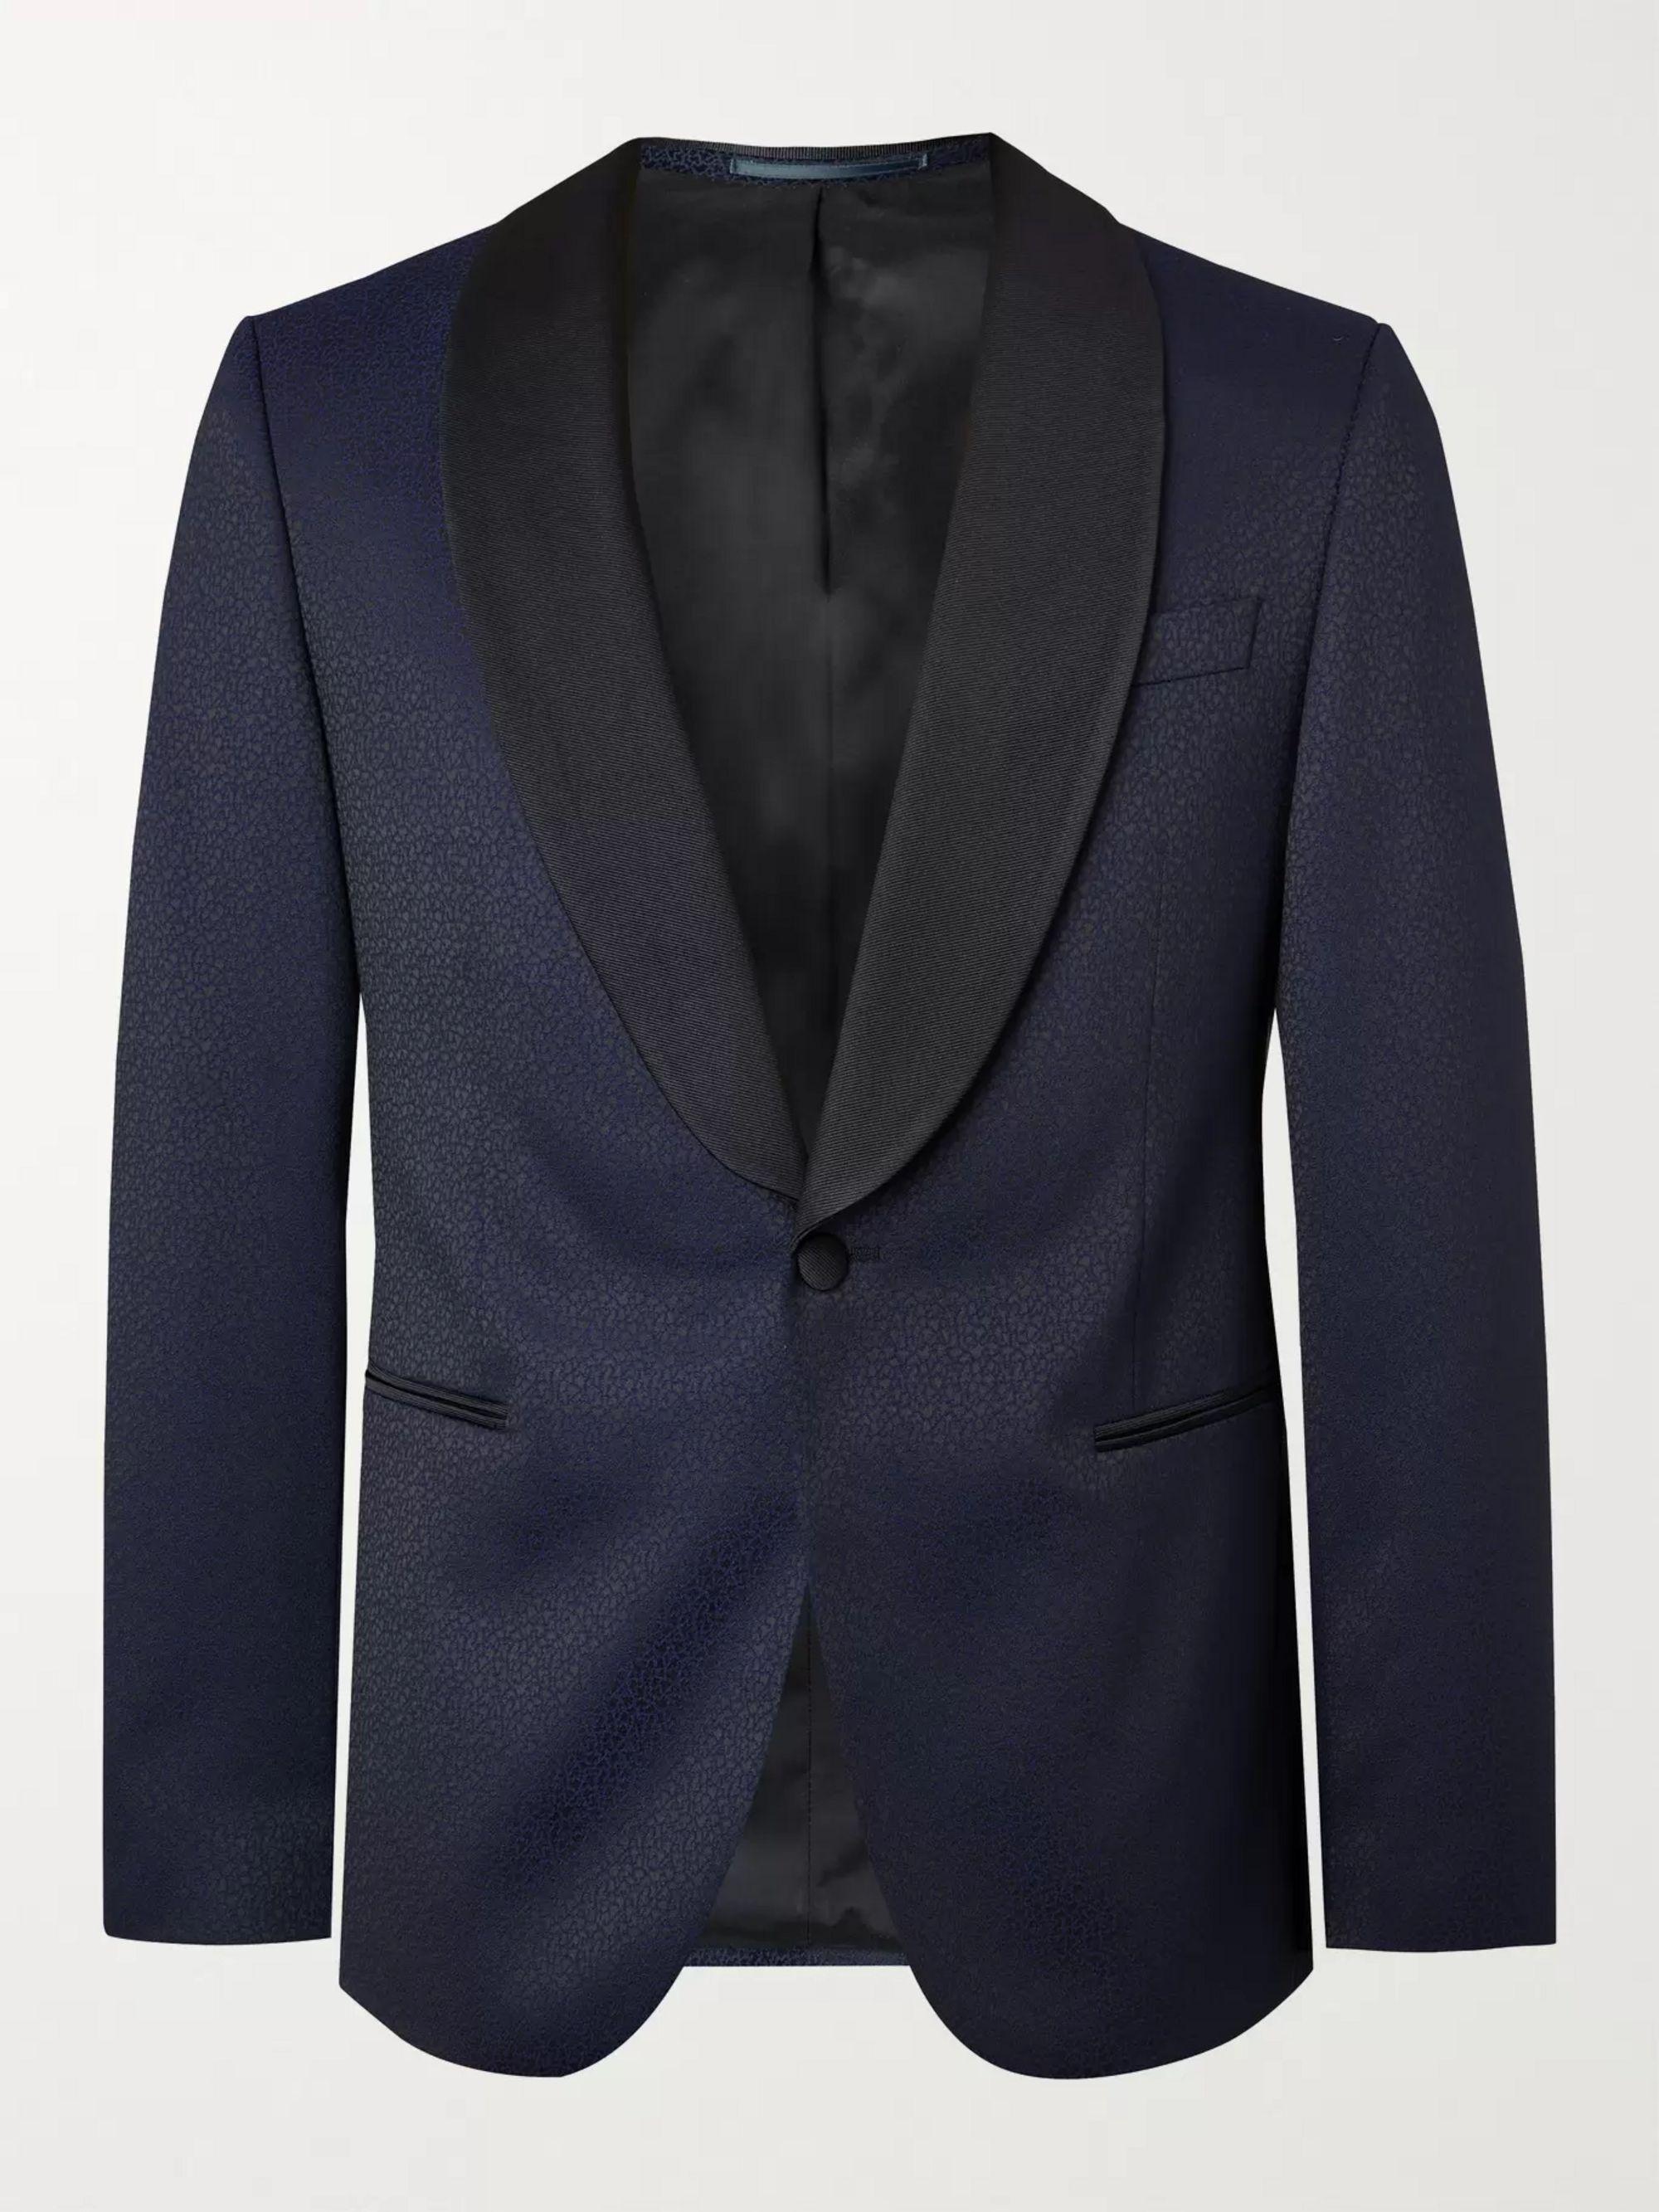 HUGO BOSS Nikan Slim-Fit Shawl-Collar Silk Satin-Trimmed Jacquard Tuxedo Jacket